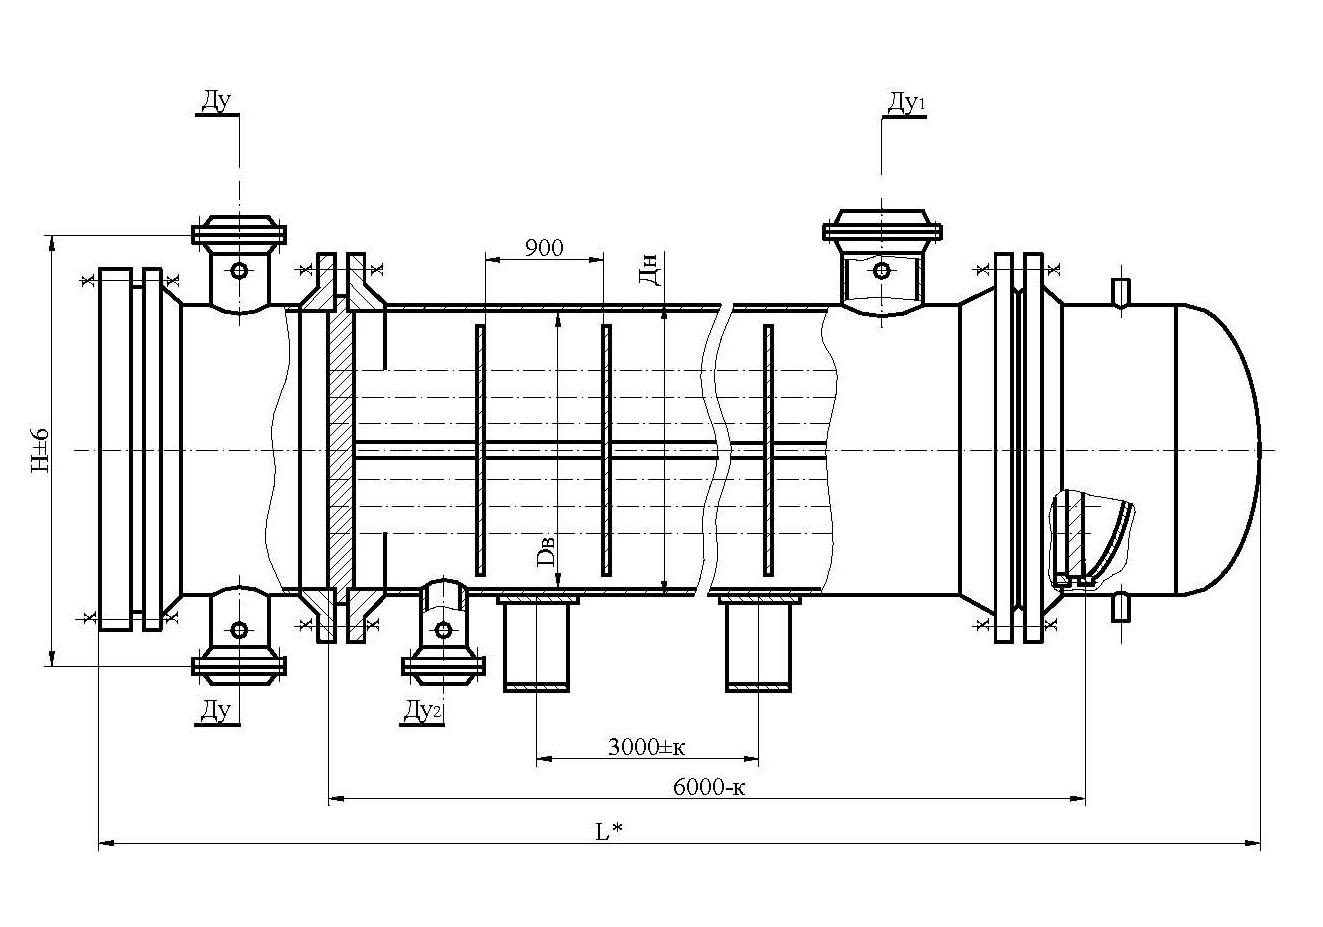 Вес теплообменника тп 800 Кожухотрубный испаритель Alfa Laval DM1-276-2 Сарапул